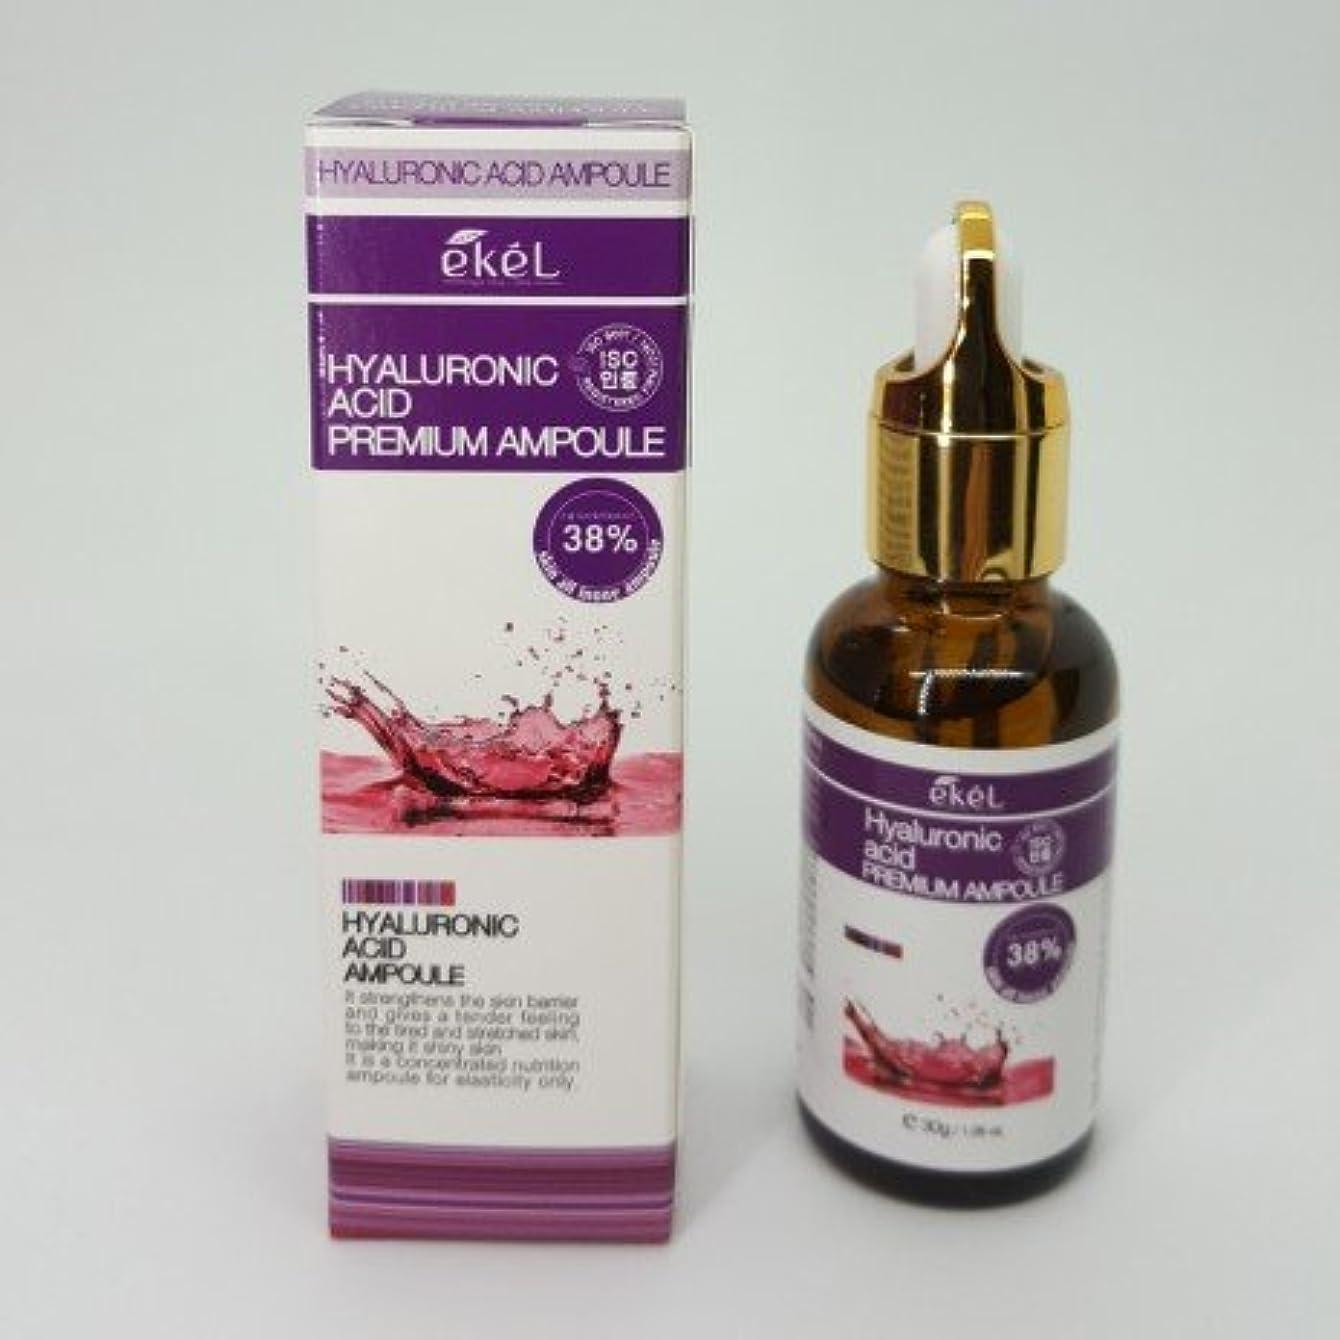 ボート貝殻ピュー[EKEL] Hyaluronic Acid Premium Ampoule 38% - 30g